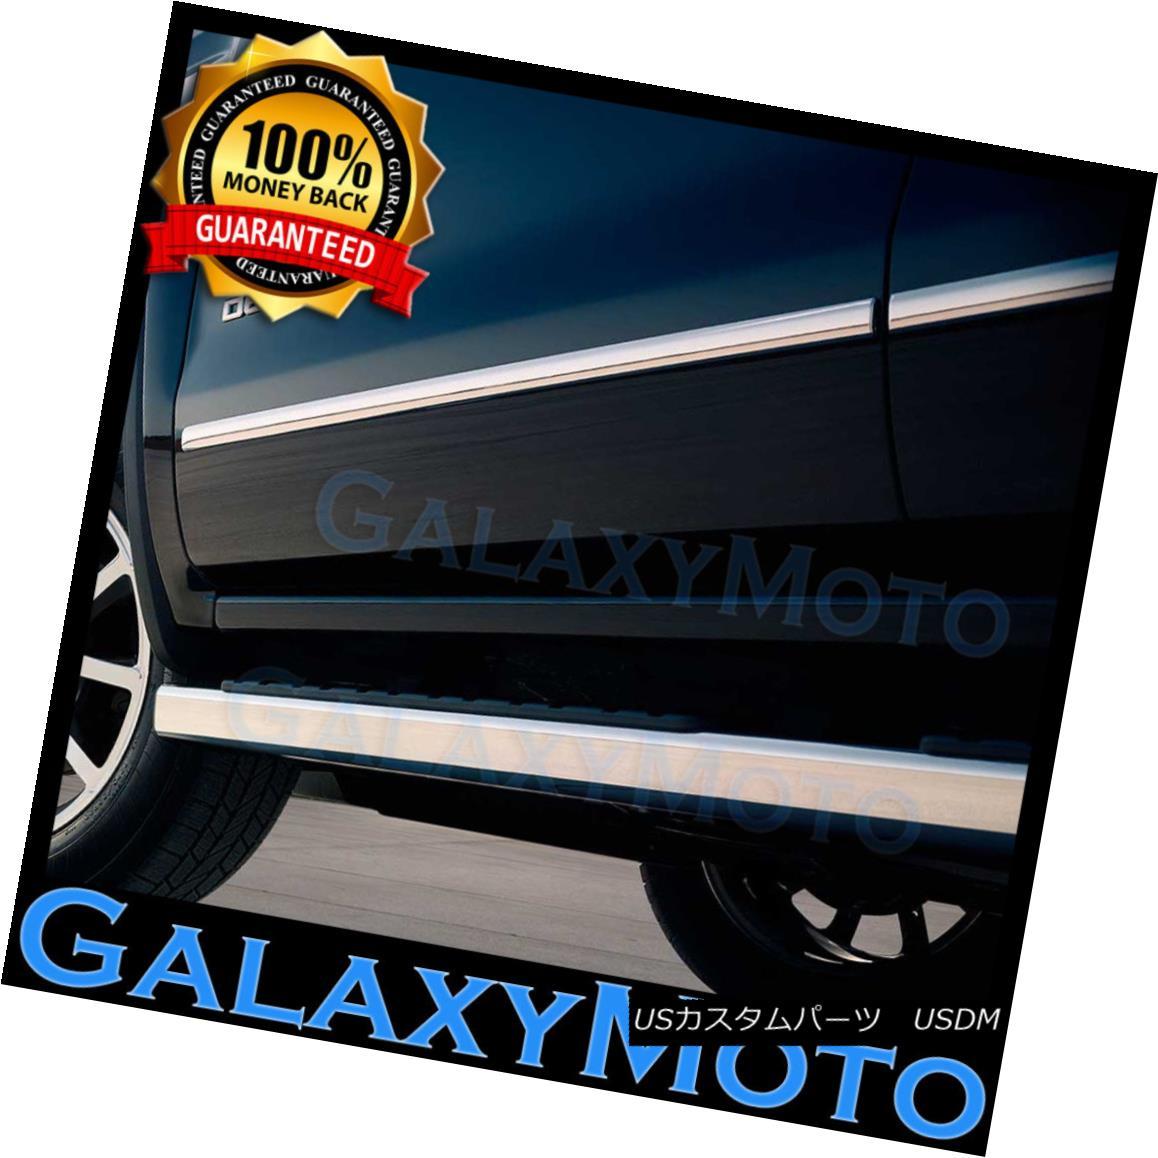 グリル 15-16 GMC Canyon Crew Cab 4 Door Front+Rear Chrome Trim Body Side Molding 4pcs 15-16 GMCキャニオンクルーキャブ4ドアフロント+リアクロムトリムボディサイドモールディング4個